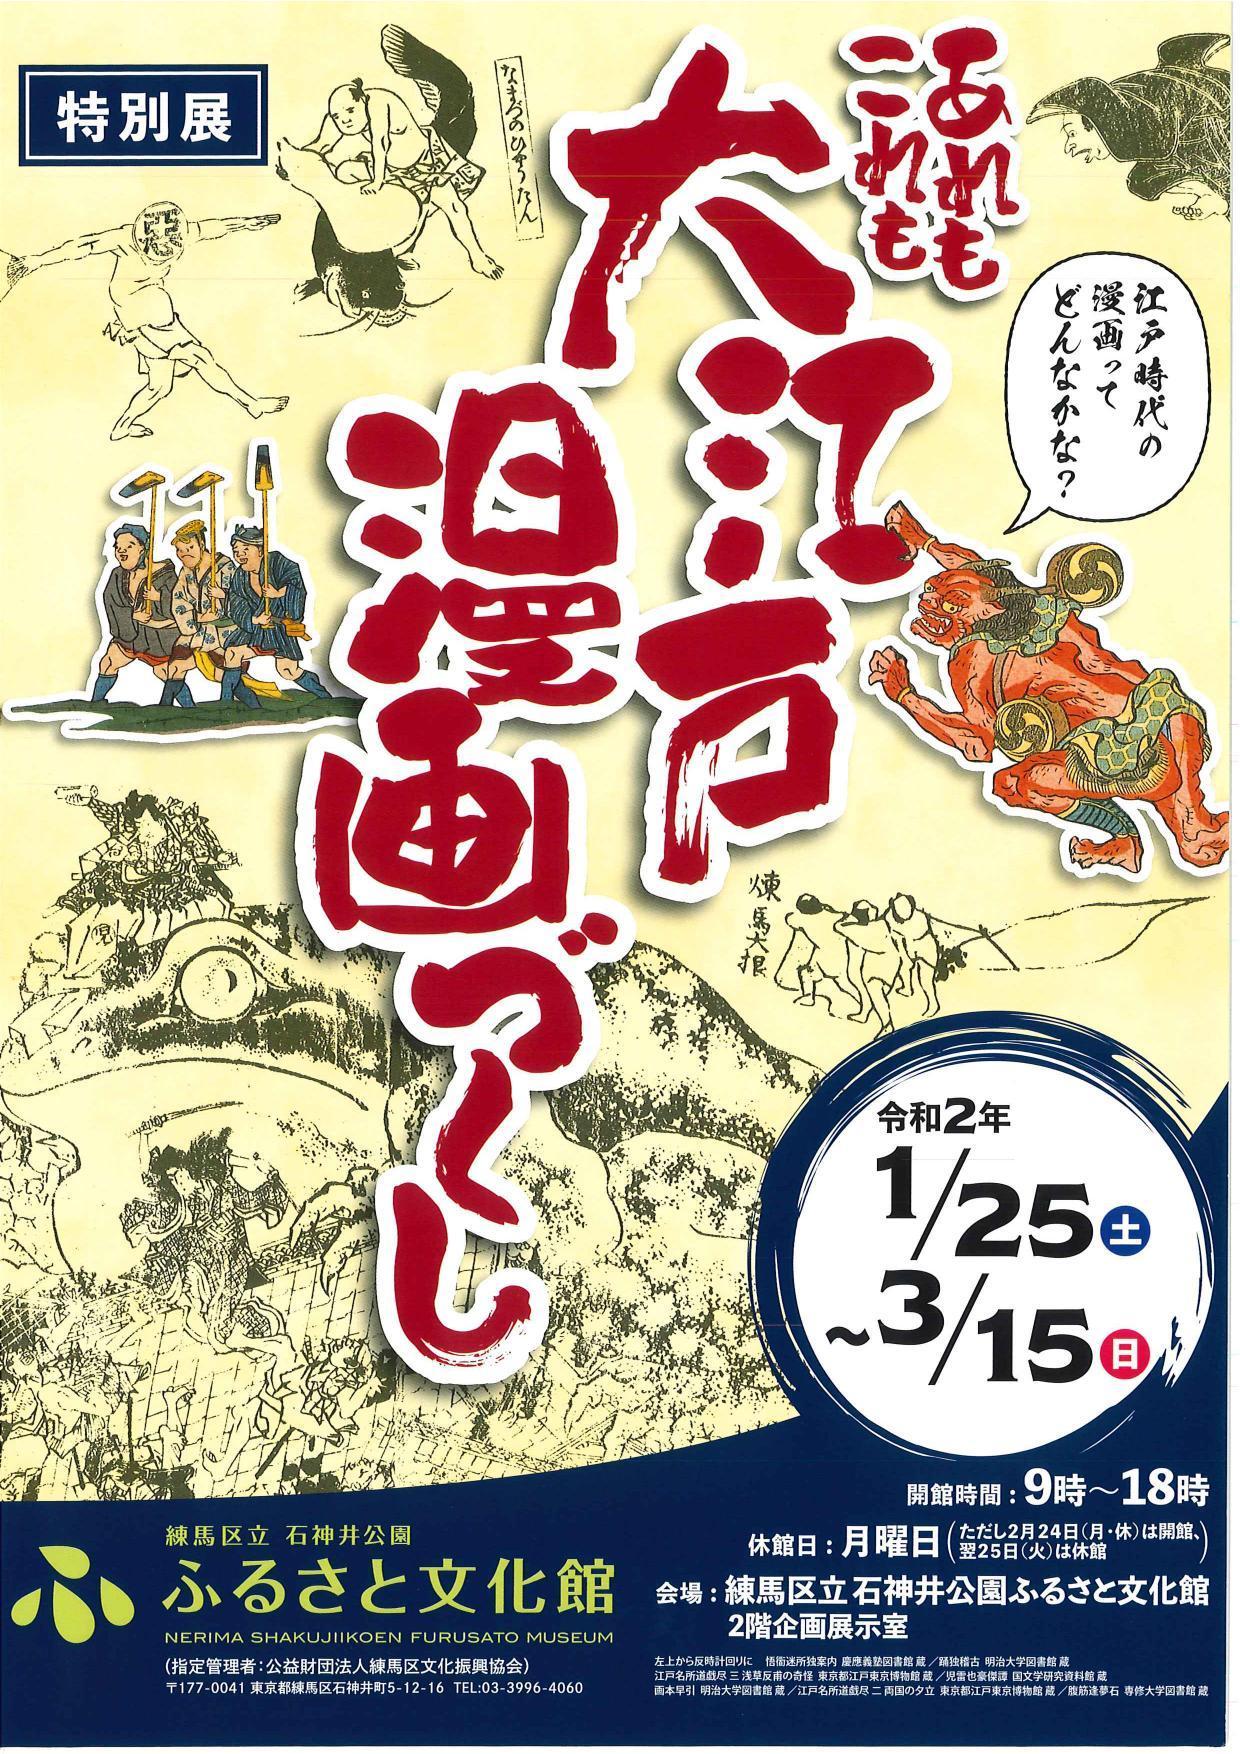 那个和这个是大江户漫画zukushi